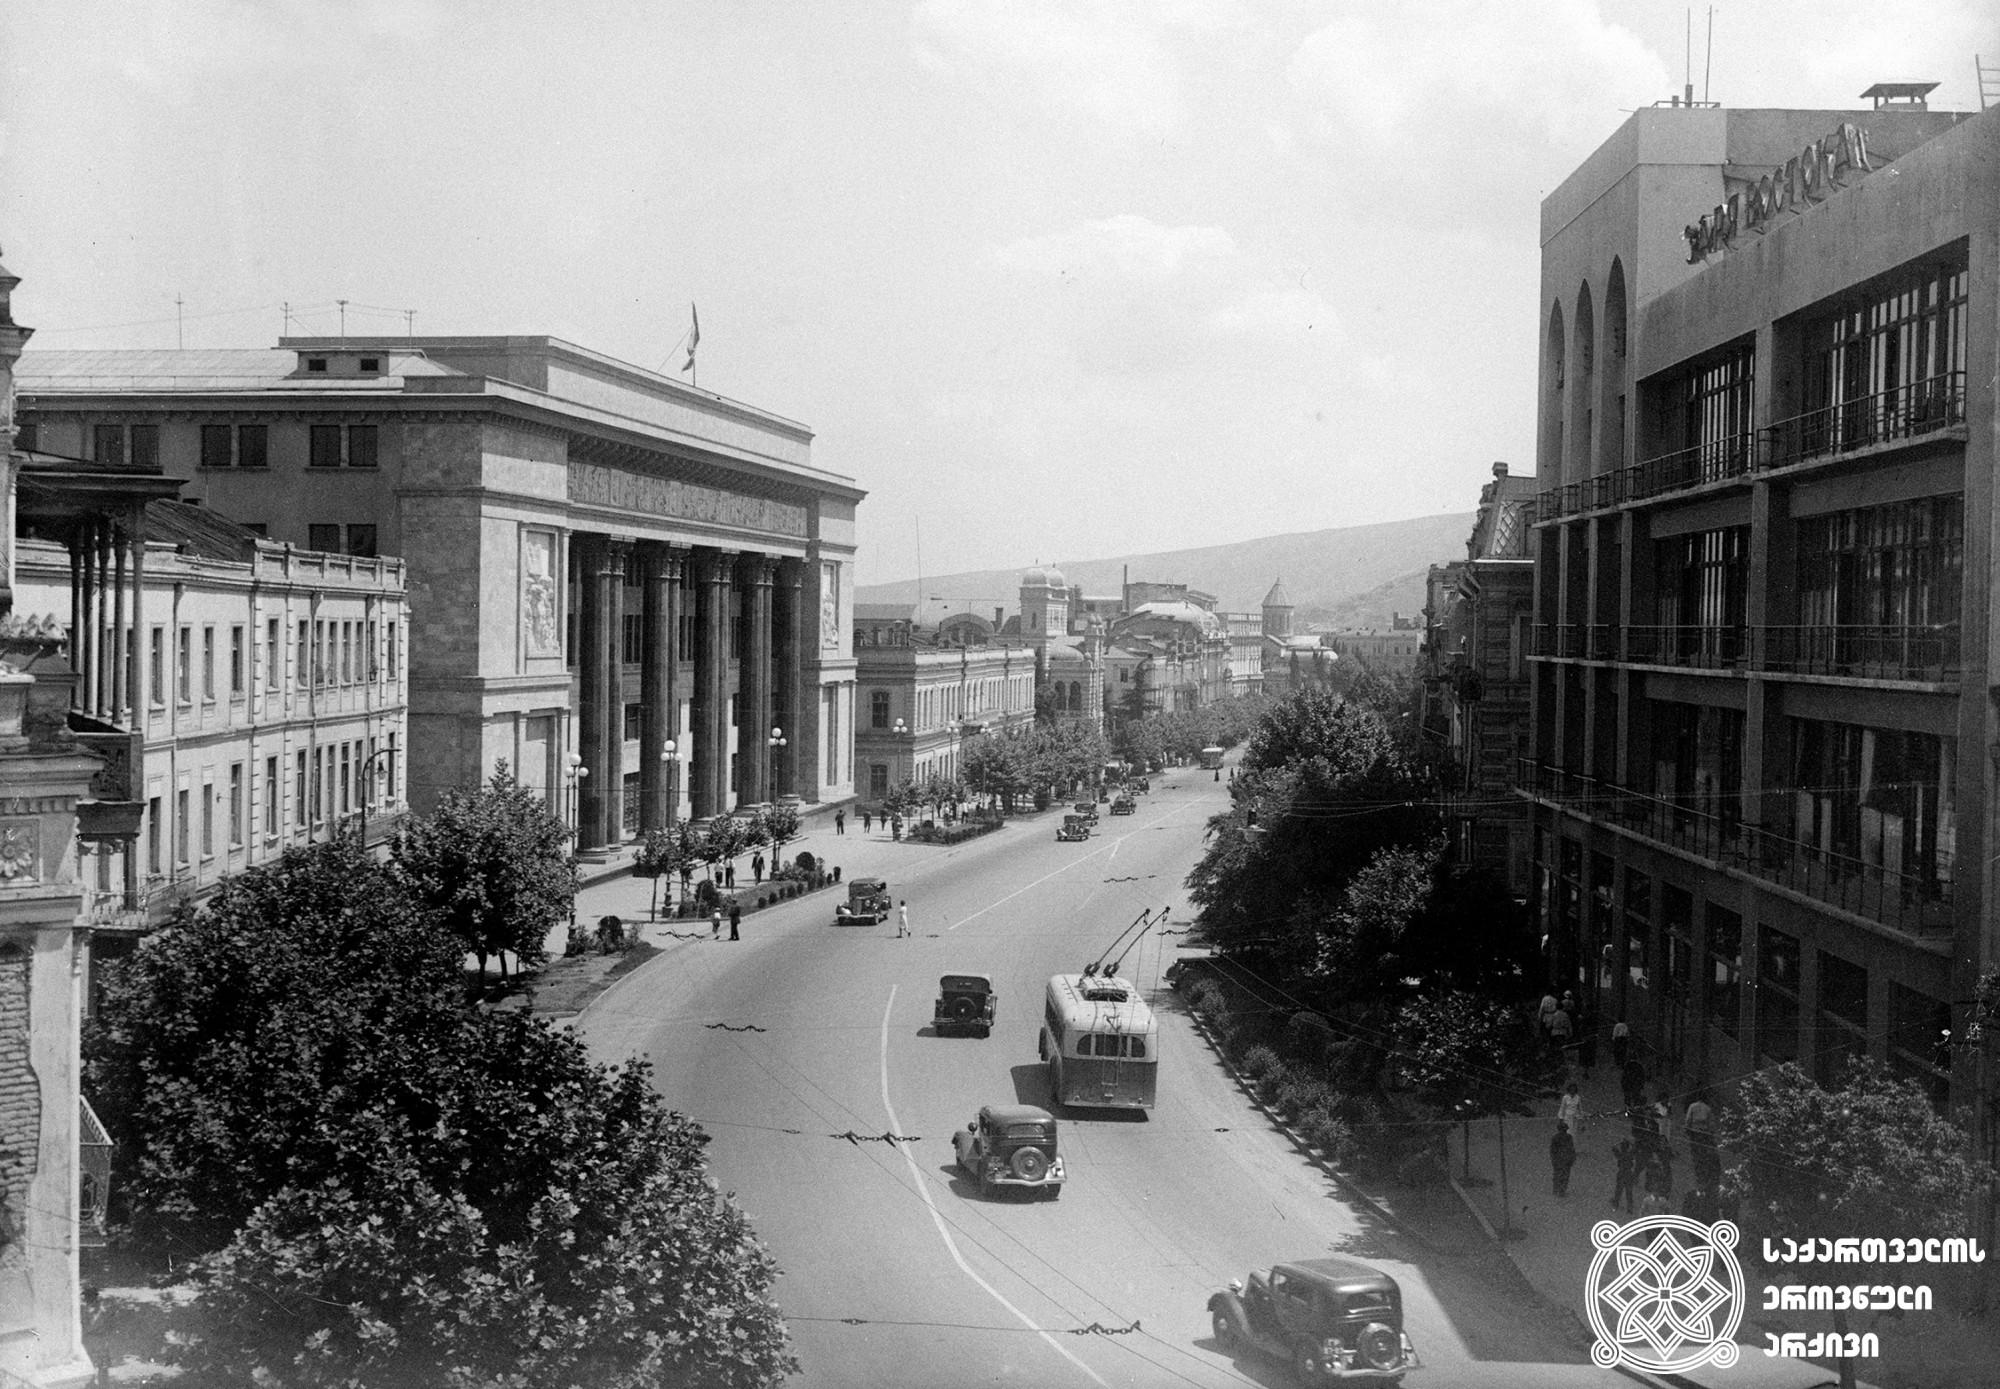 """რუსთაველის გამზირის ხედი. მარქსიზმ-ლენინიზმის ინსტიტუტი მარცხნივ (დღევანდელი სასტუმრო """"ბილტმორი"""") და გაზეთ """"ზარია ვოსტოკას""""რედაქციის შენობა მარჯვნივ (დღევანდელი სავაჭრო ცენტრი """"მერანი""""). თბილისი. <br>ფოტო: ვ. ჩერკასოვი. <br>1938. <br> View of Rustaveli Avenue. Marksizm-leninizm Institute (Today Hotel """"Biltmore"""") on the Left and Newspaper """"Zaria Vostoka"""" Editorial Office (Today Trading Center """"Merani"""") on the Right. Tbilisi. <br>Photo by V. Cherkasov. <br>1938."""